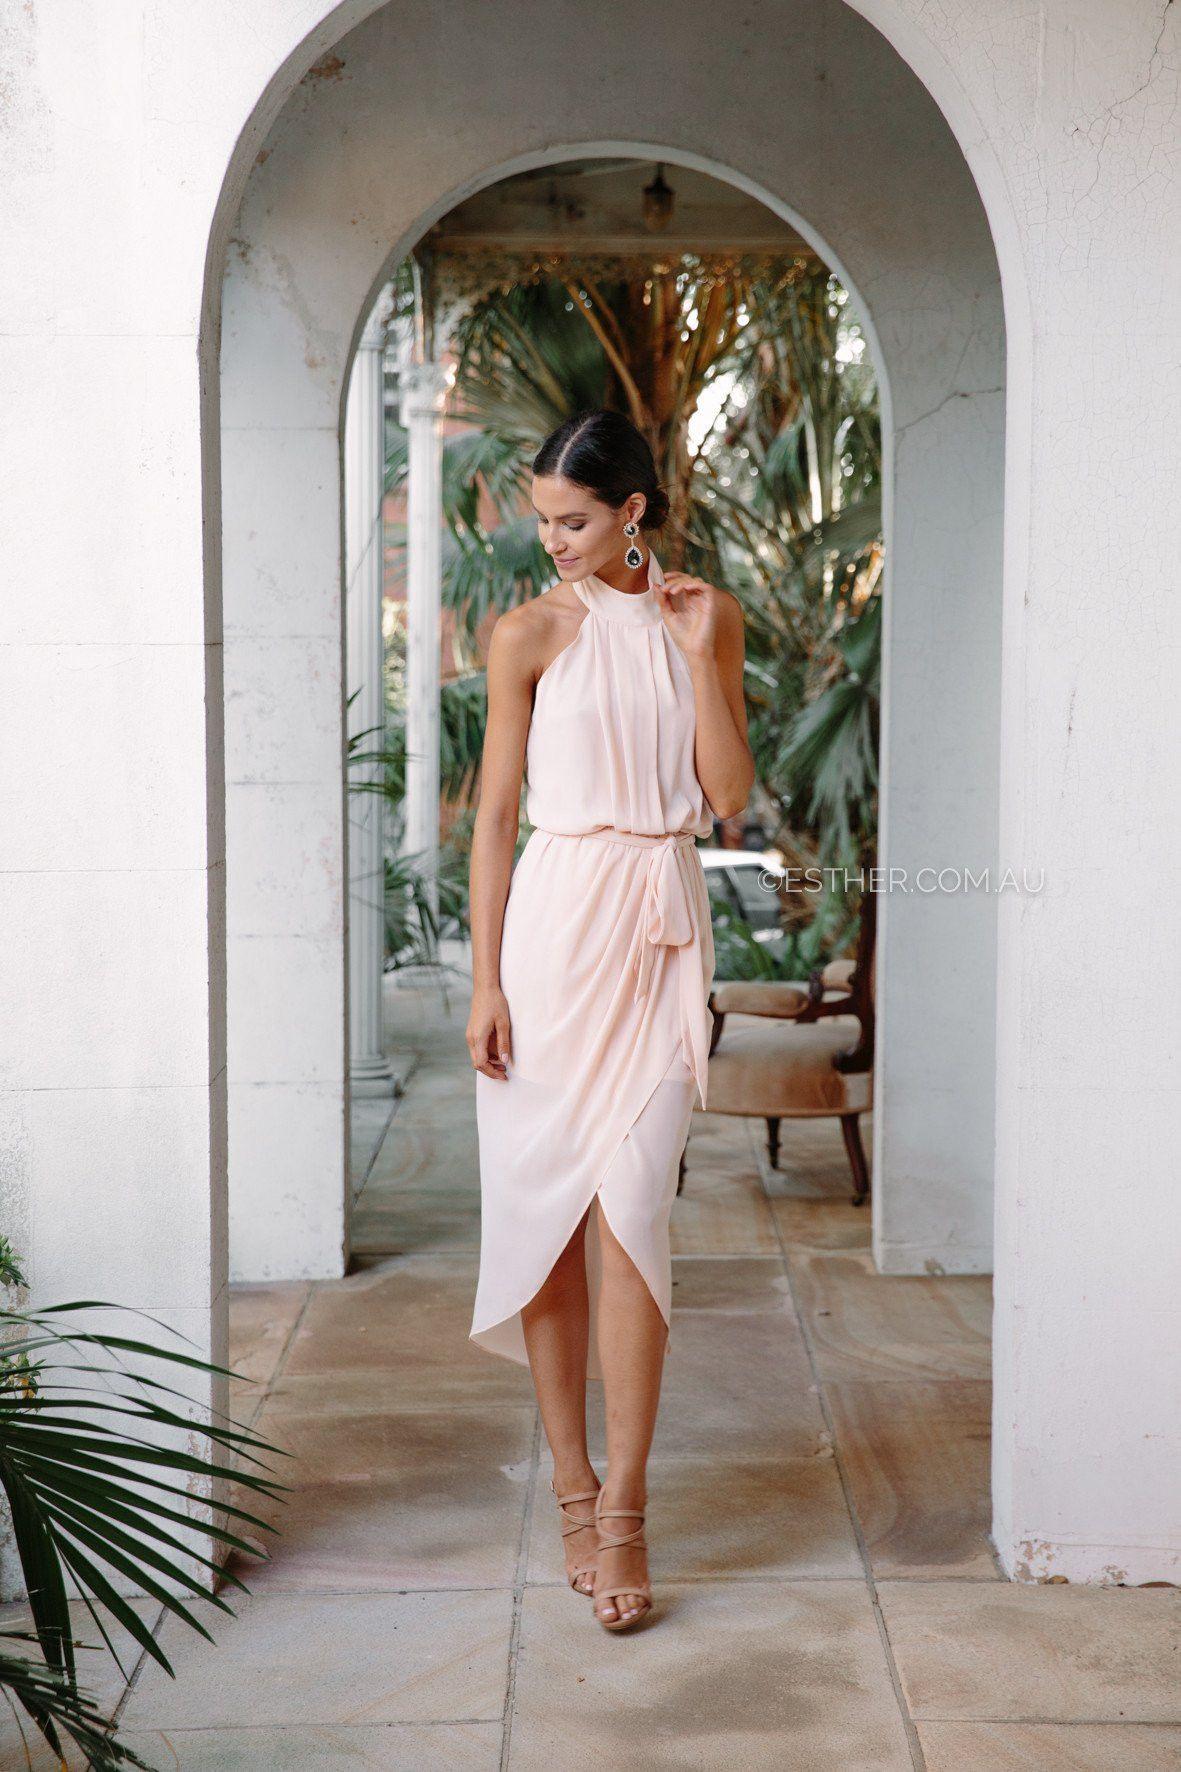 Amaryllis Dress Soft Peach In 2020 Wedding Attire Guest Wedding Guest Dress Wedding Guest Outfit [ 1772 x 1181 Pixel ]